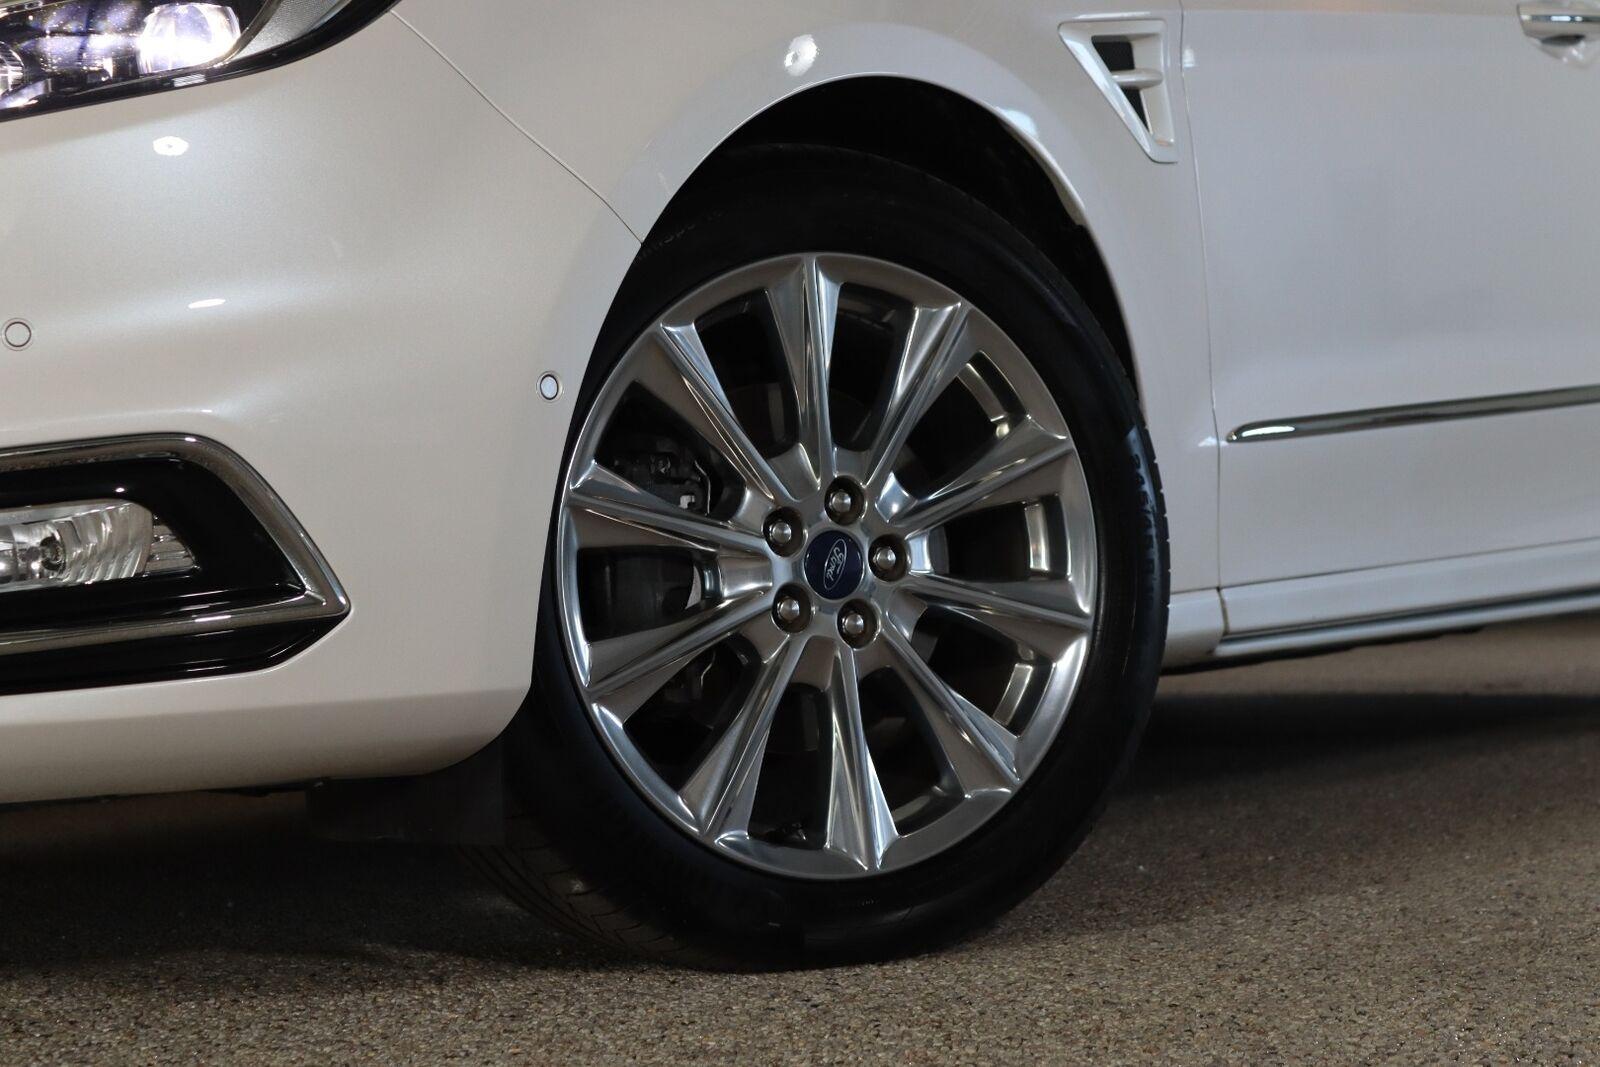 Ford S-MAX 2,0 TDCi 180 Vignale aut. - billede 3